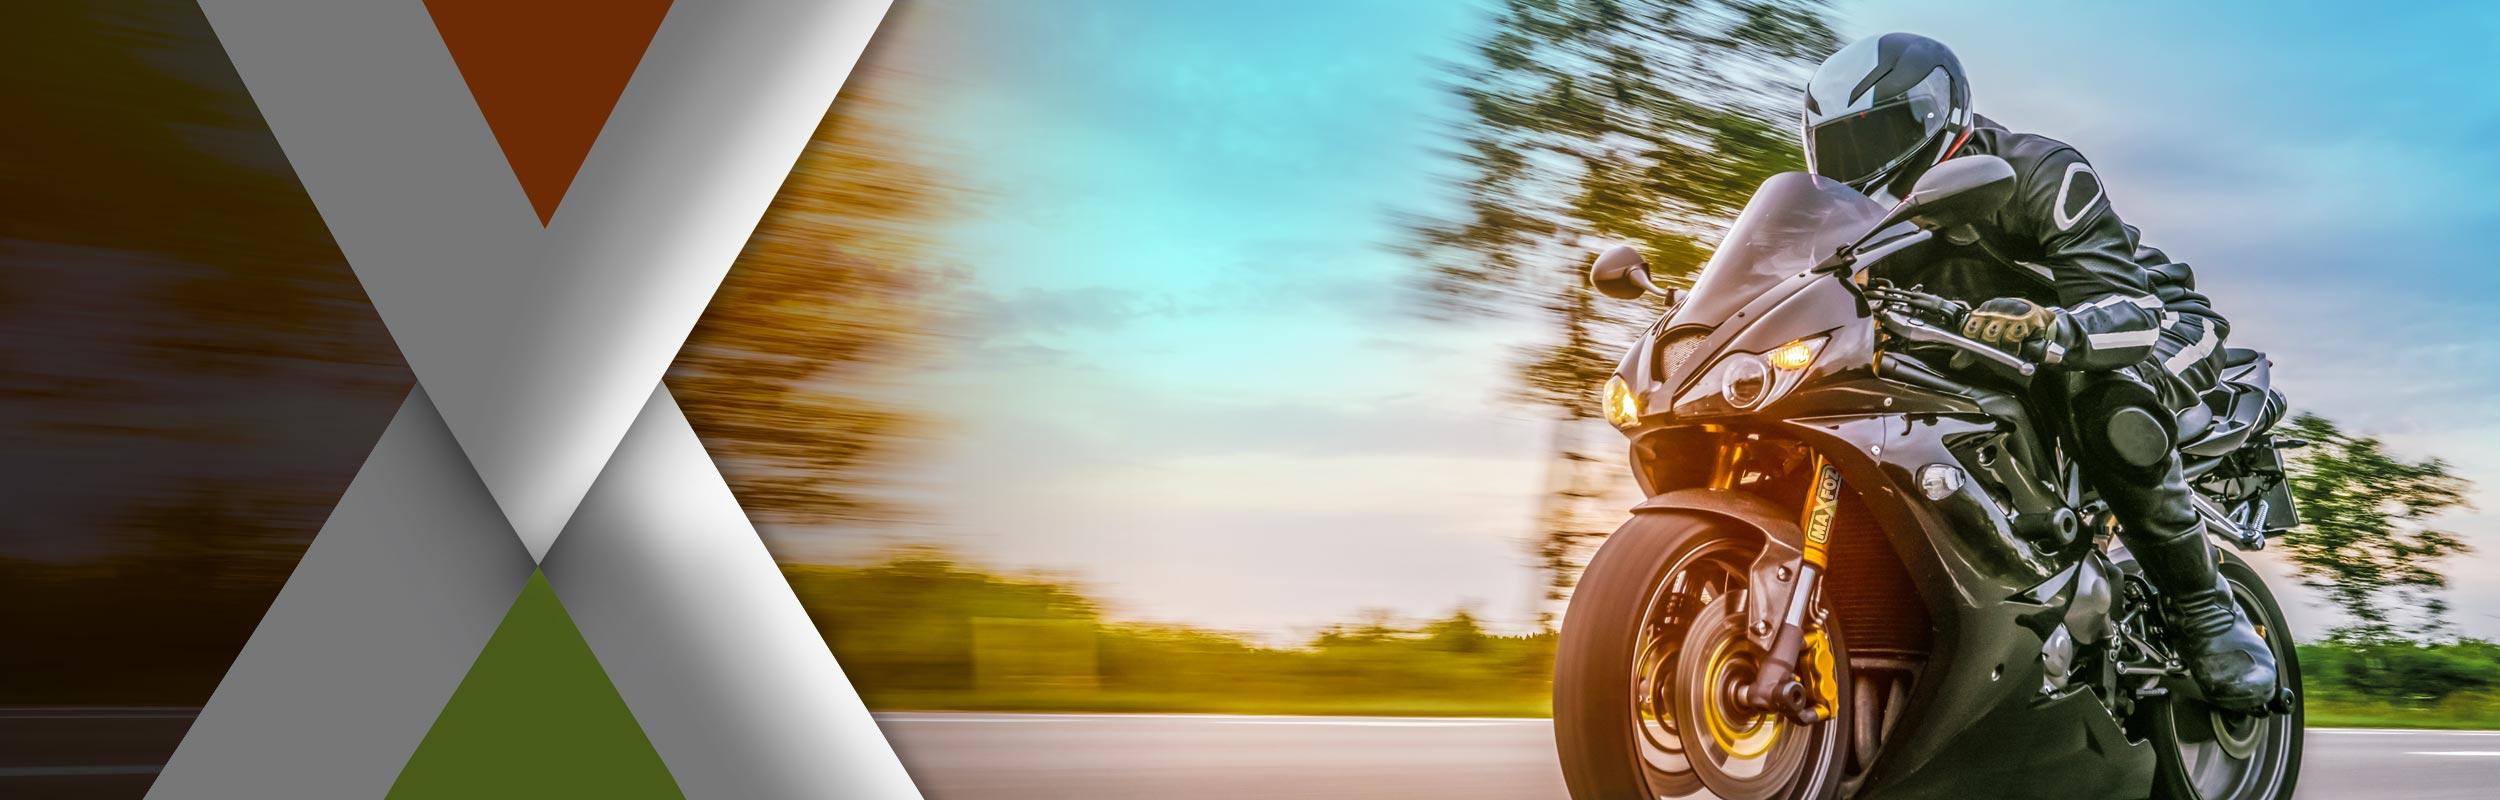 Suspensiones Moto On Road